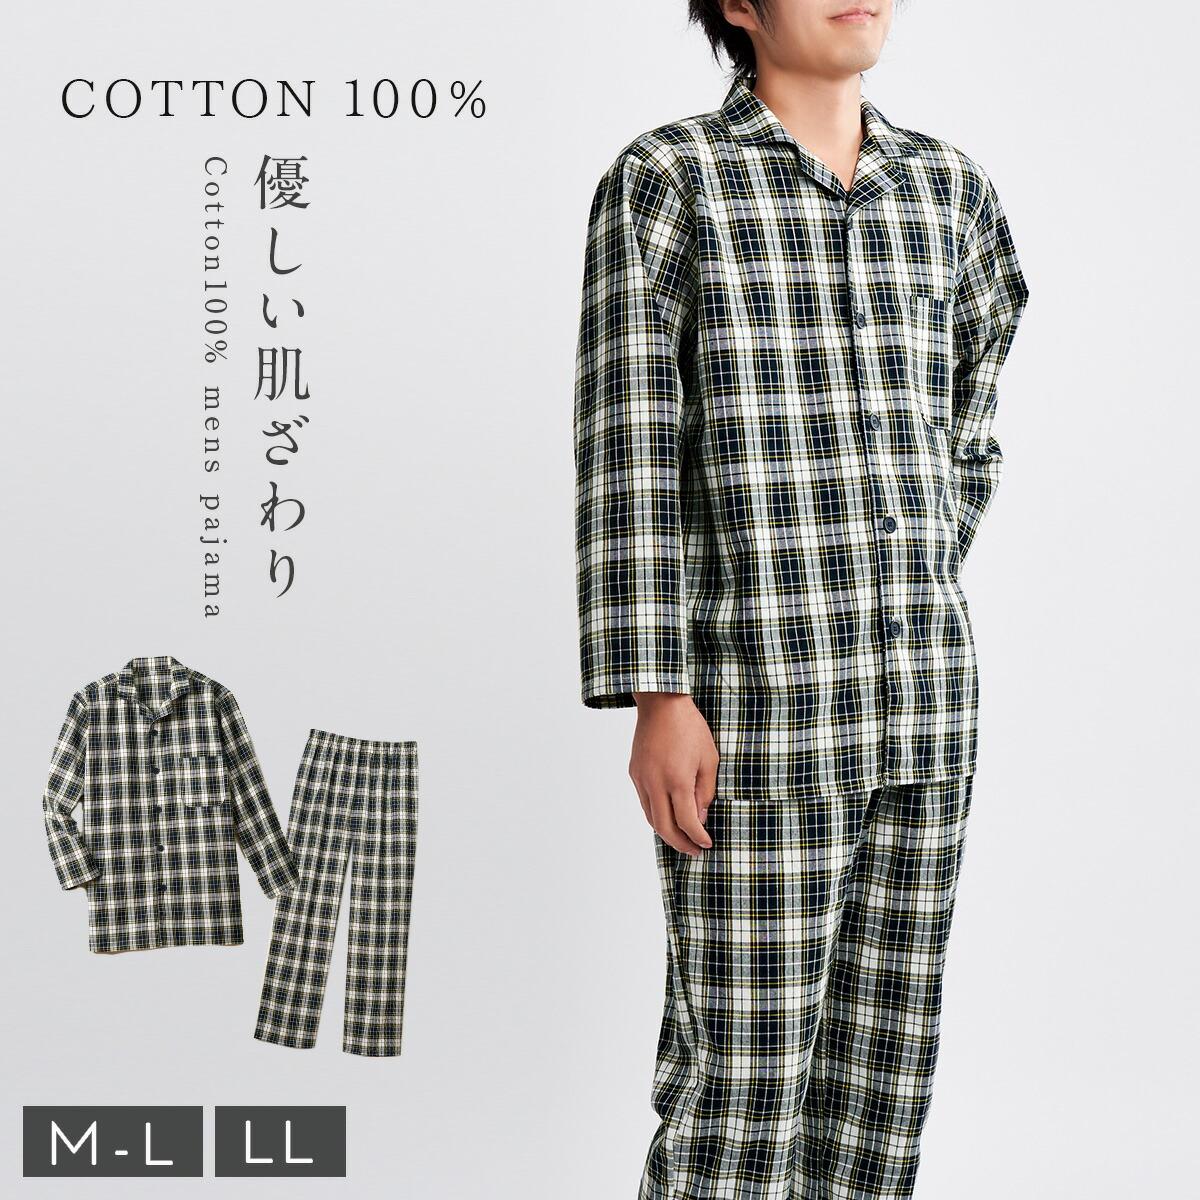 パジャマ メンズ 綿 100 長袖 綿100%先染めメンズパジャマ